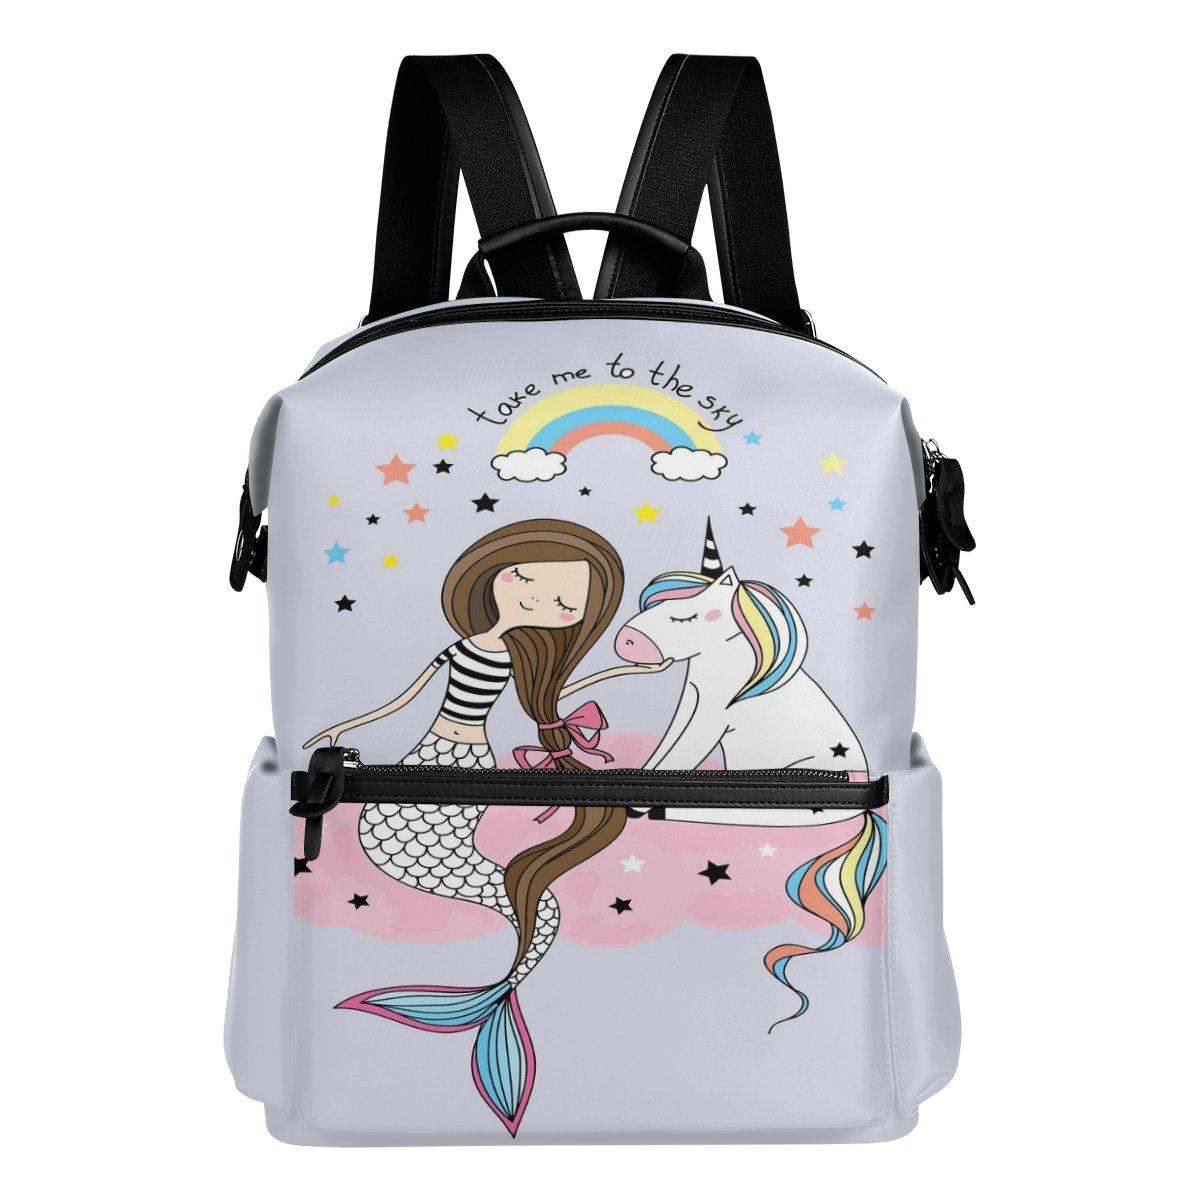 ALAZA Mermaid Unicornio Casual mochila mochila Bolsa estudiante escuela Bolsa mochila de viaje ligero 35785a